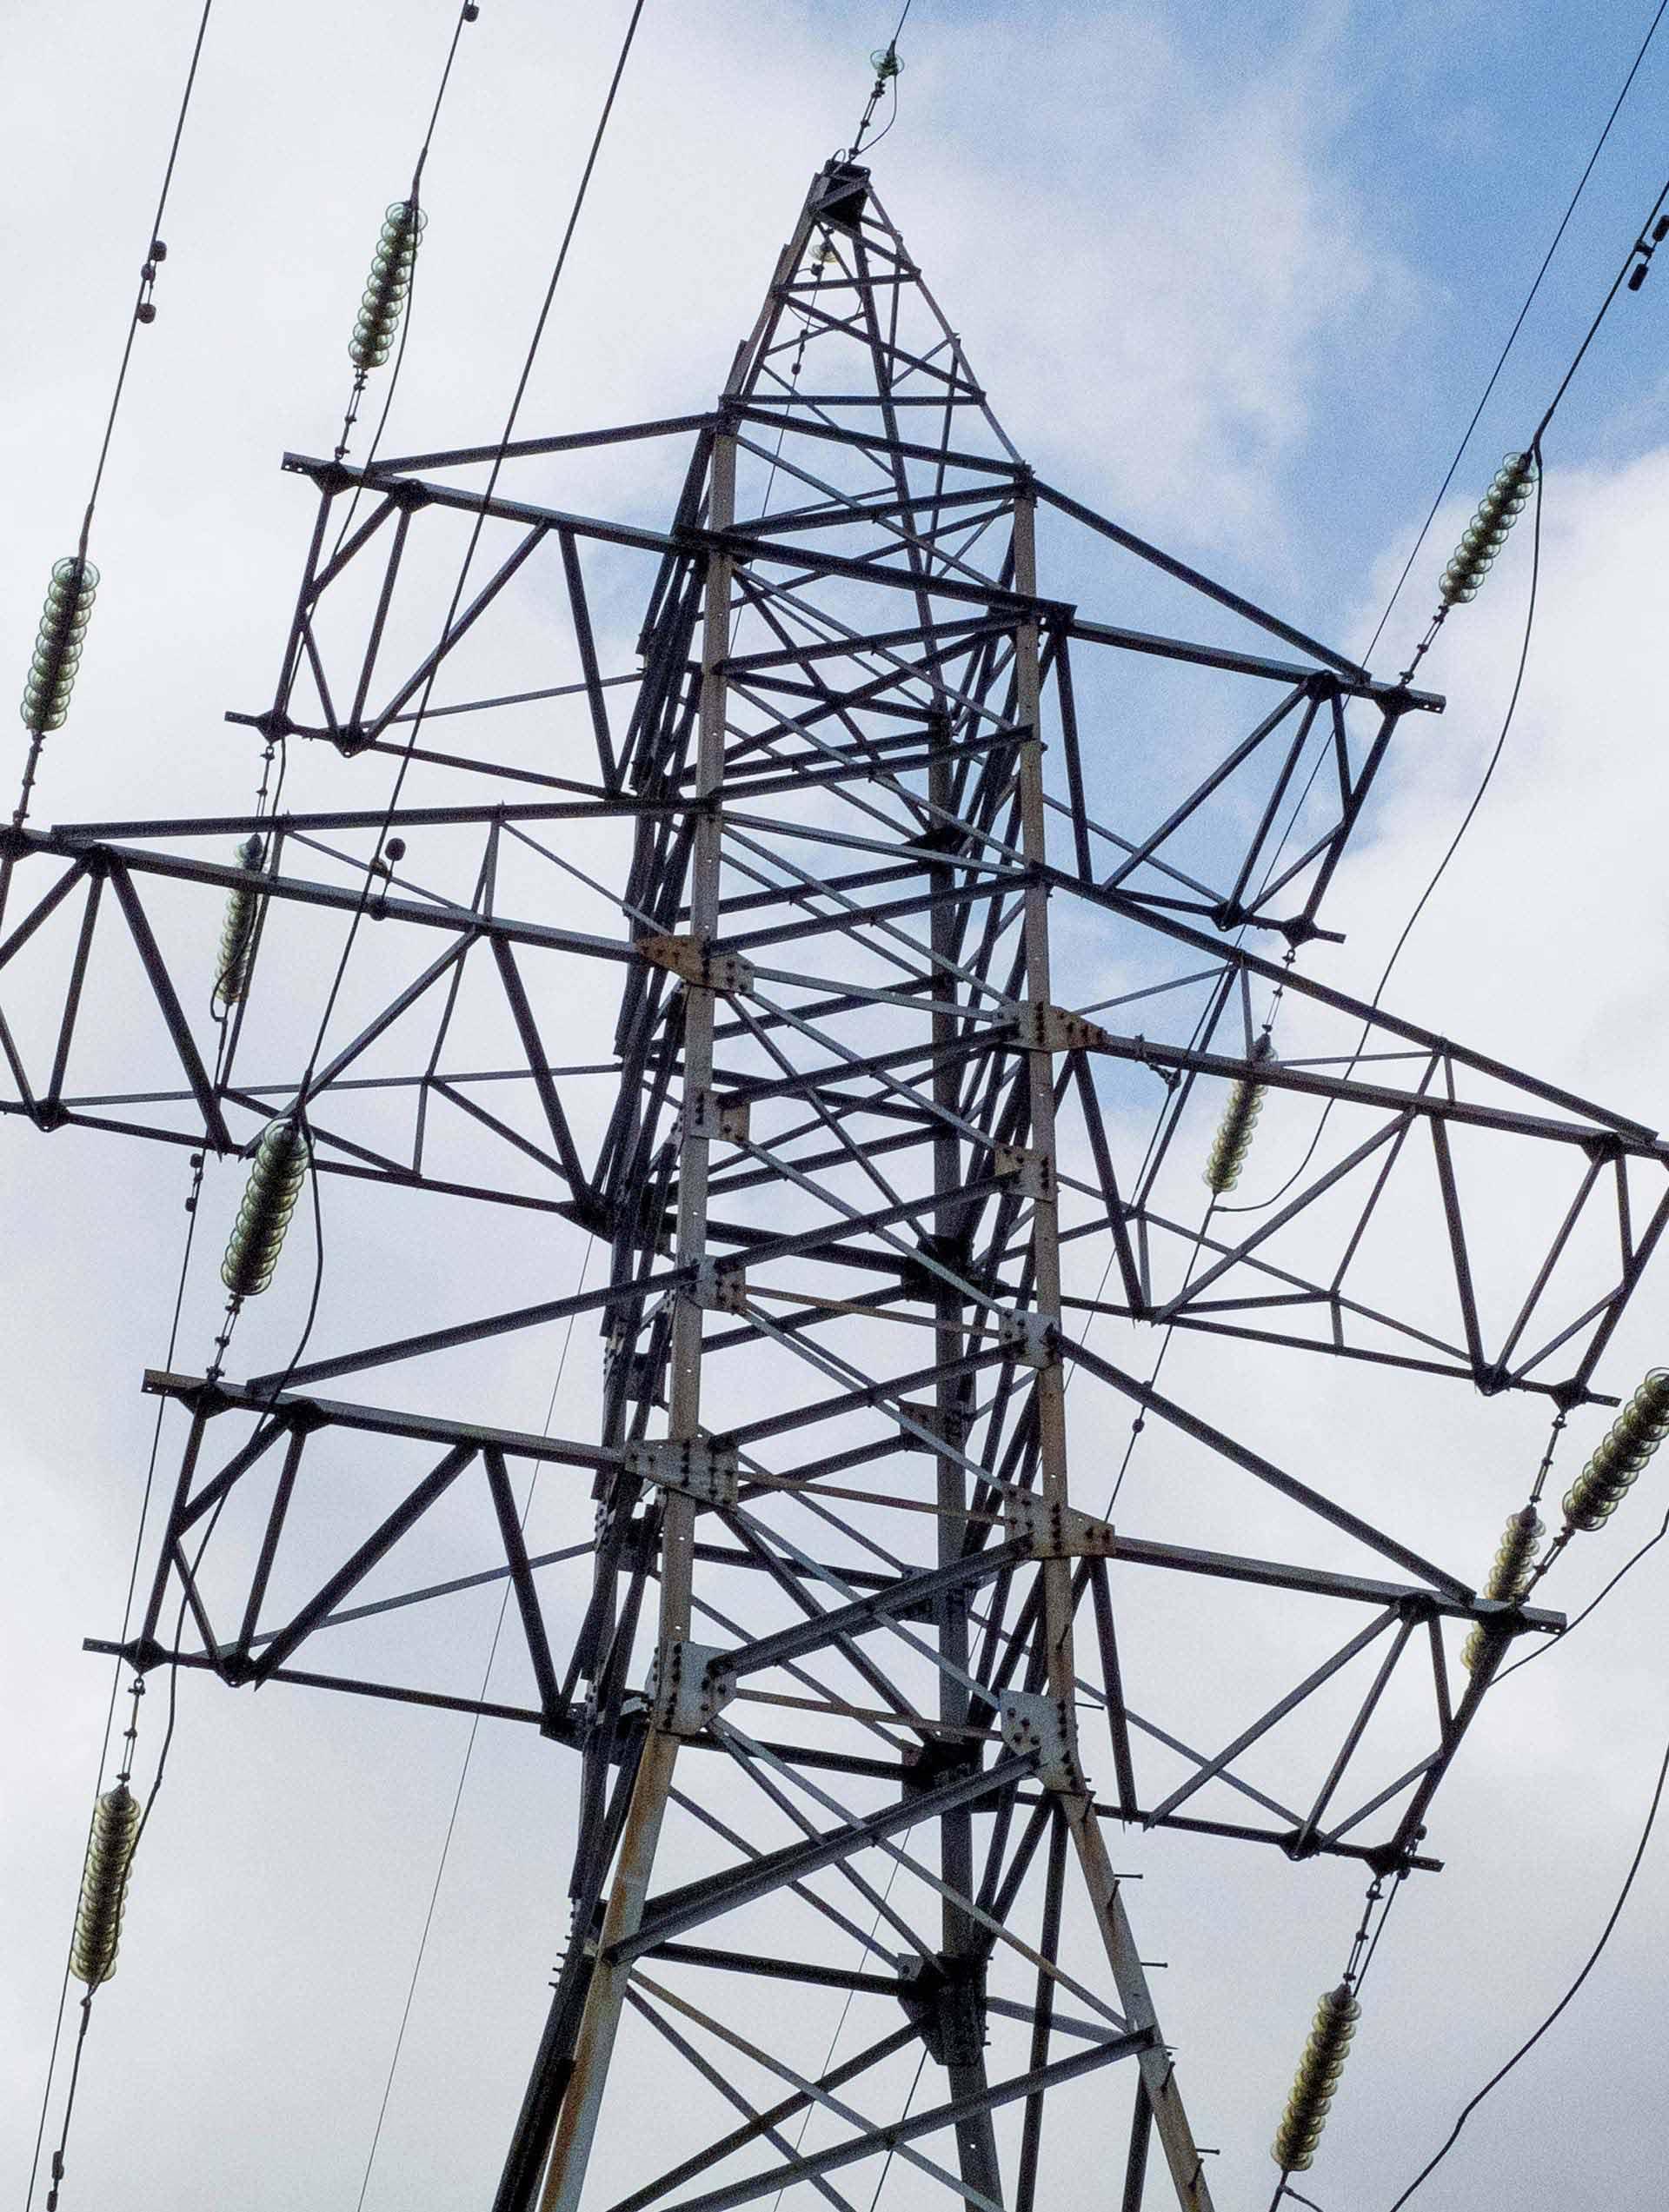 Normativa infraestructuras alta tensión